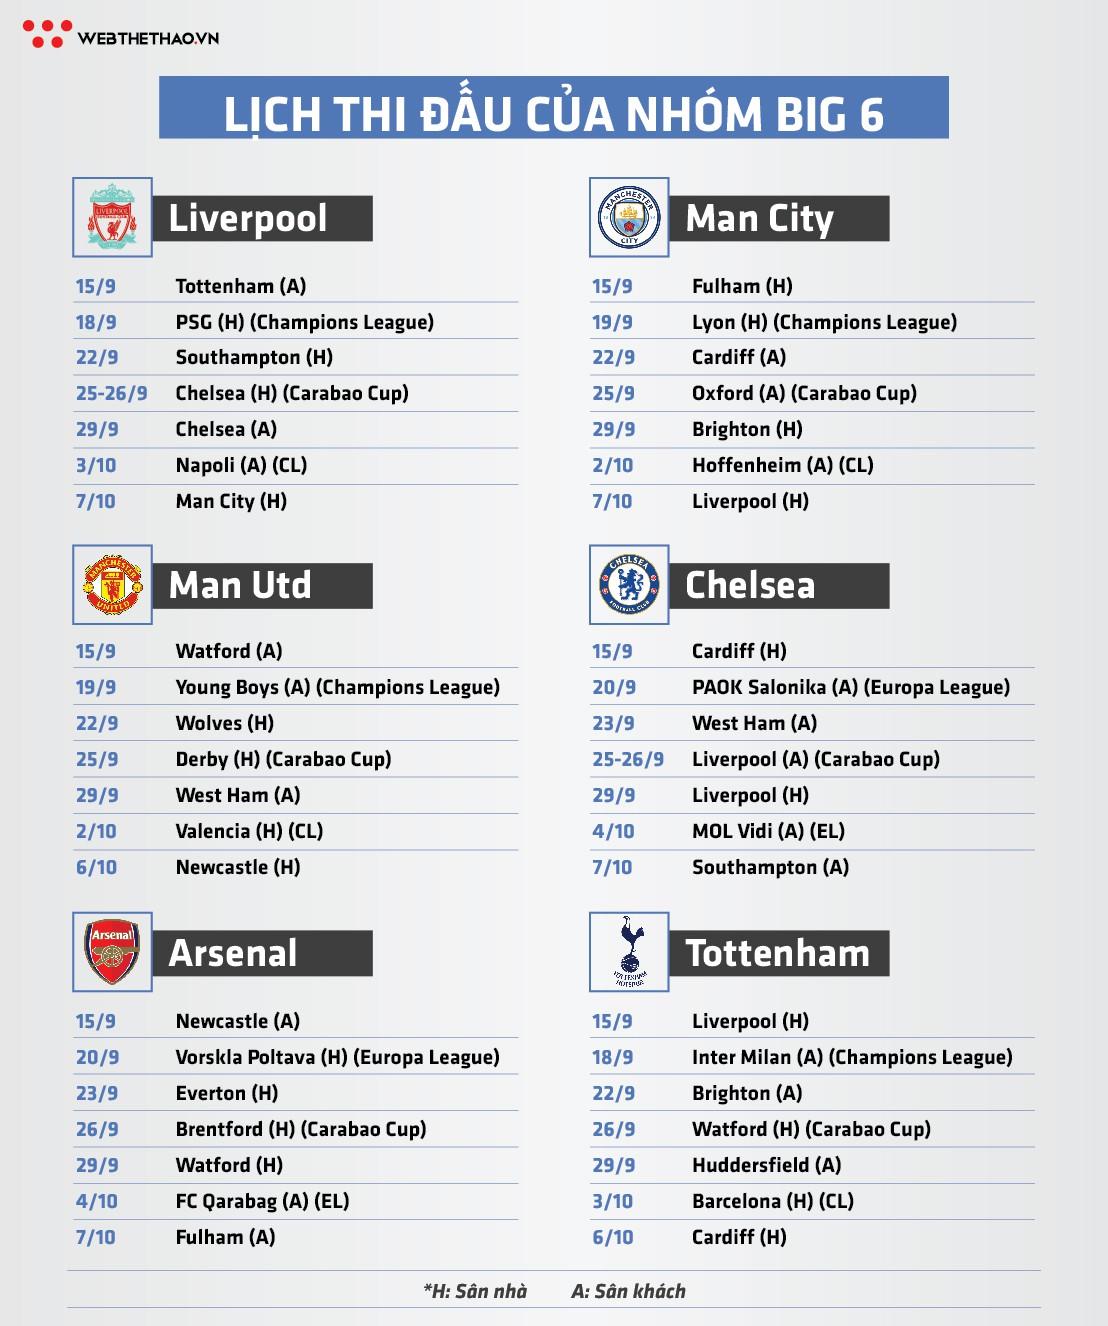 """Lịch thi đấu """"căng như dây đàn"""" của Liverpool có khó khăn hơn MU, Chelsea, Man City? - Ảnh 4."""